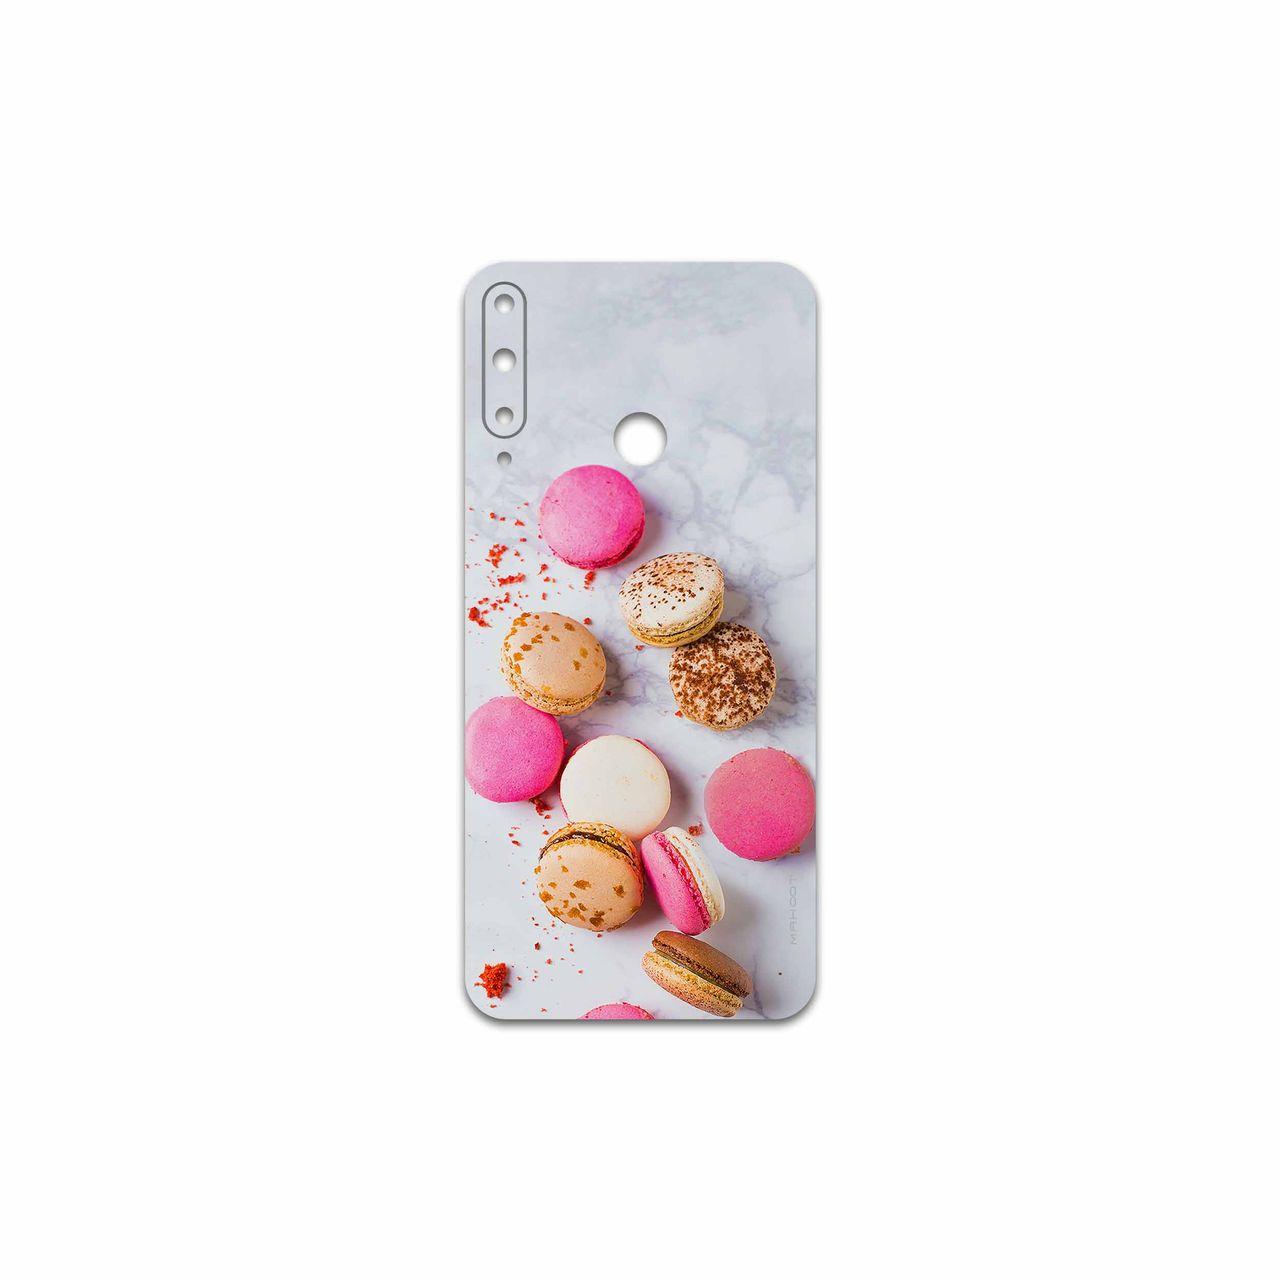 برچسب پوششی ماهوت مدل Macaron cookie مناسب برای گوشی موبایل هوآوی Y7p